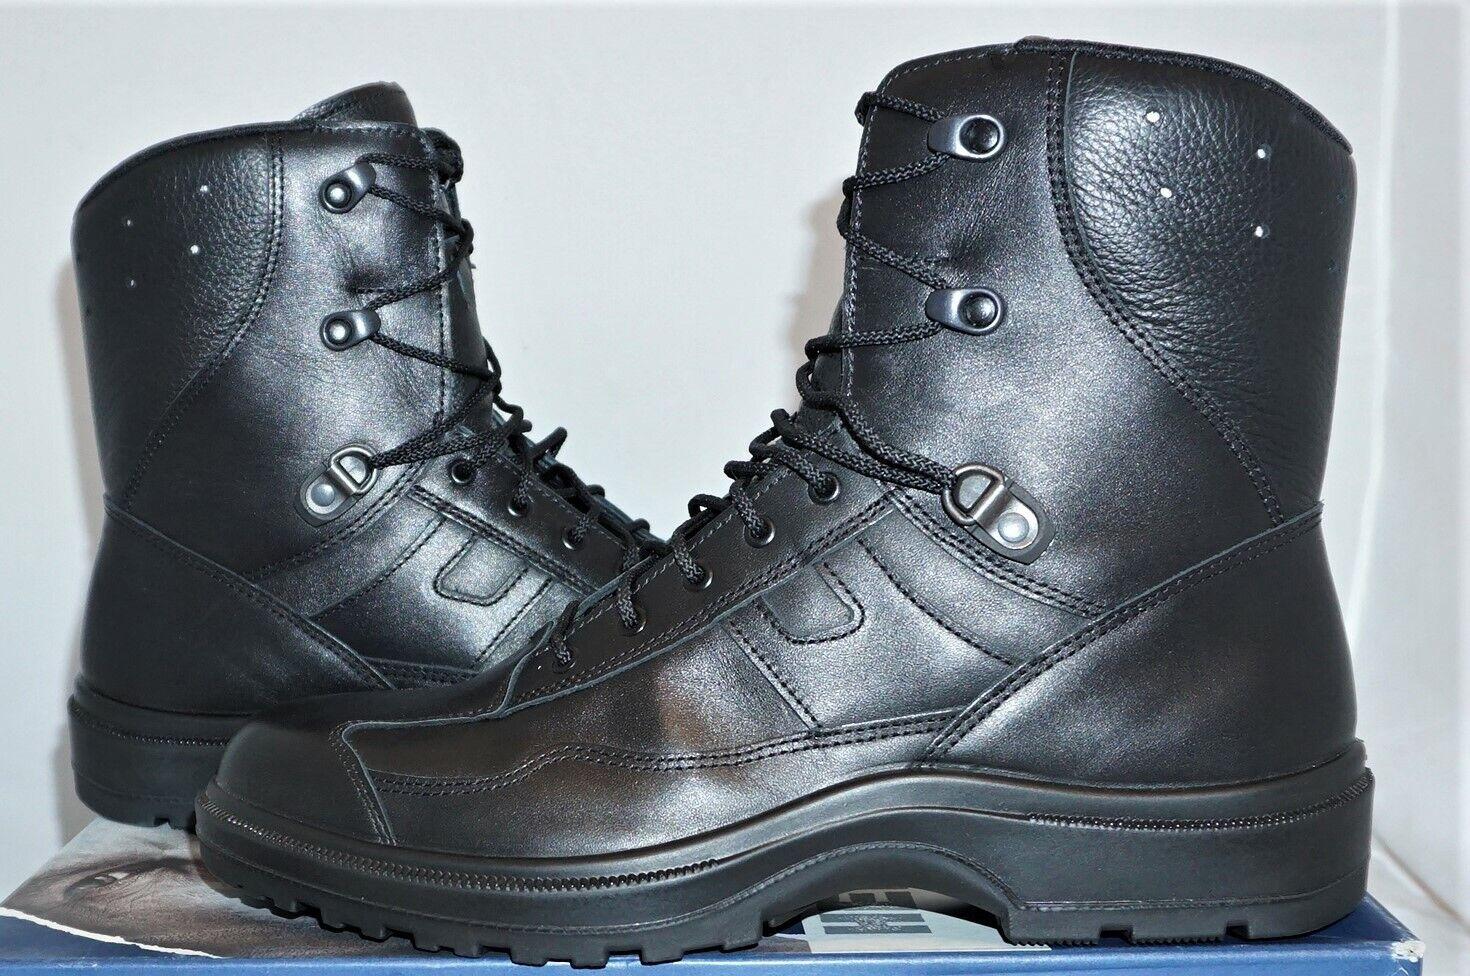 Haix Airpower R5 GTX UK 8 EU 42 US 9 Arbeitsschuhe Wanderschuhe Schuhe NEU